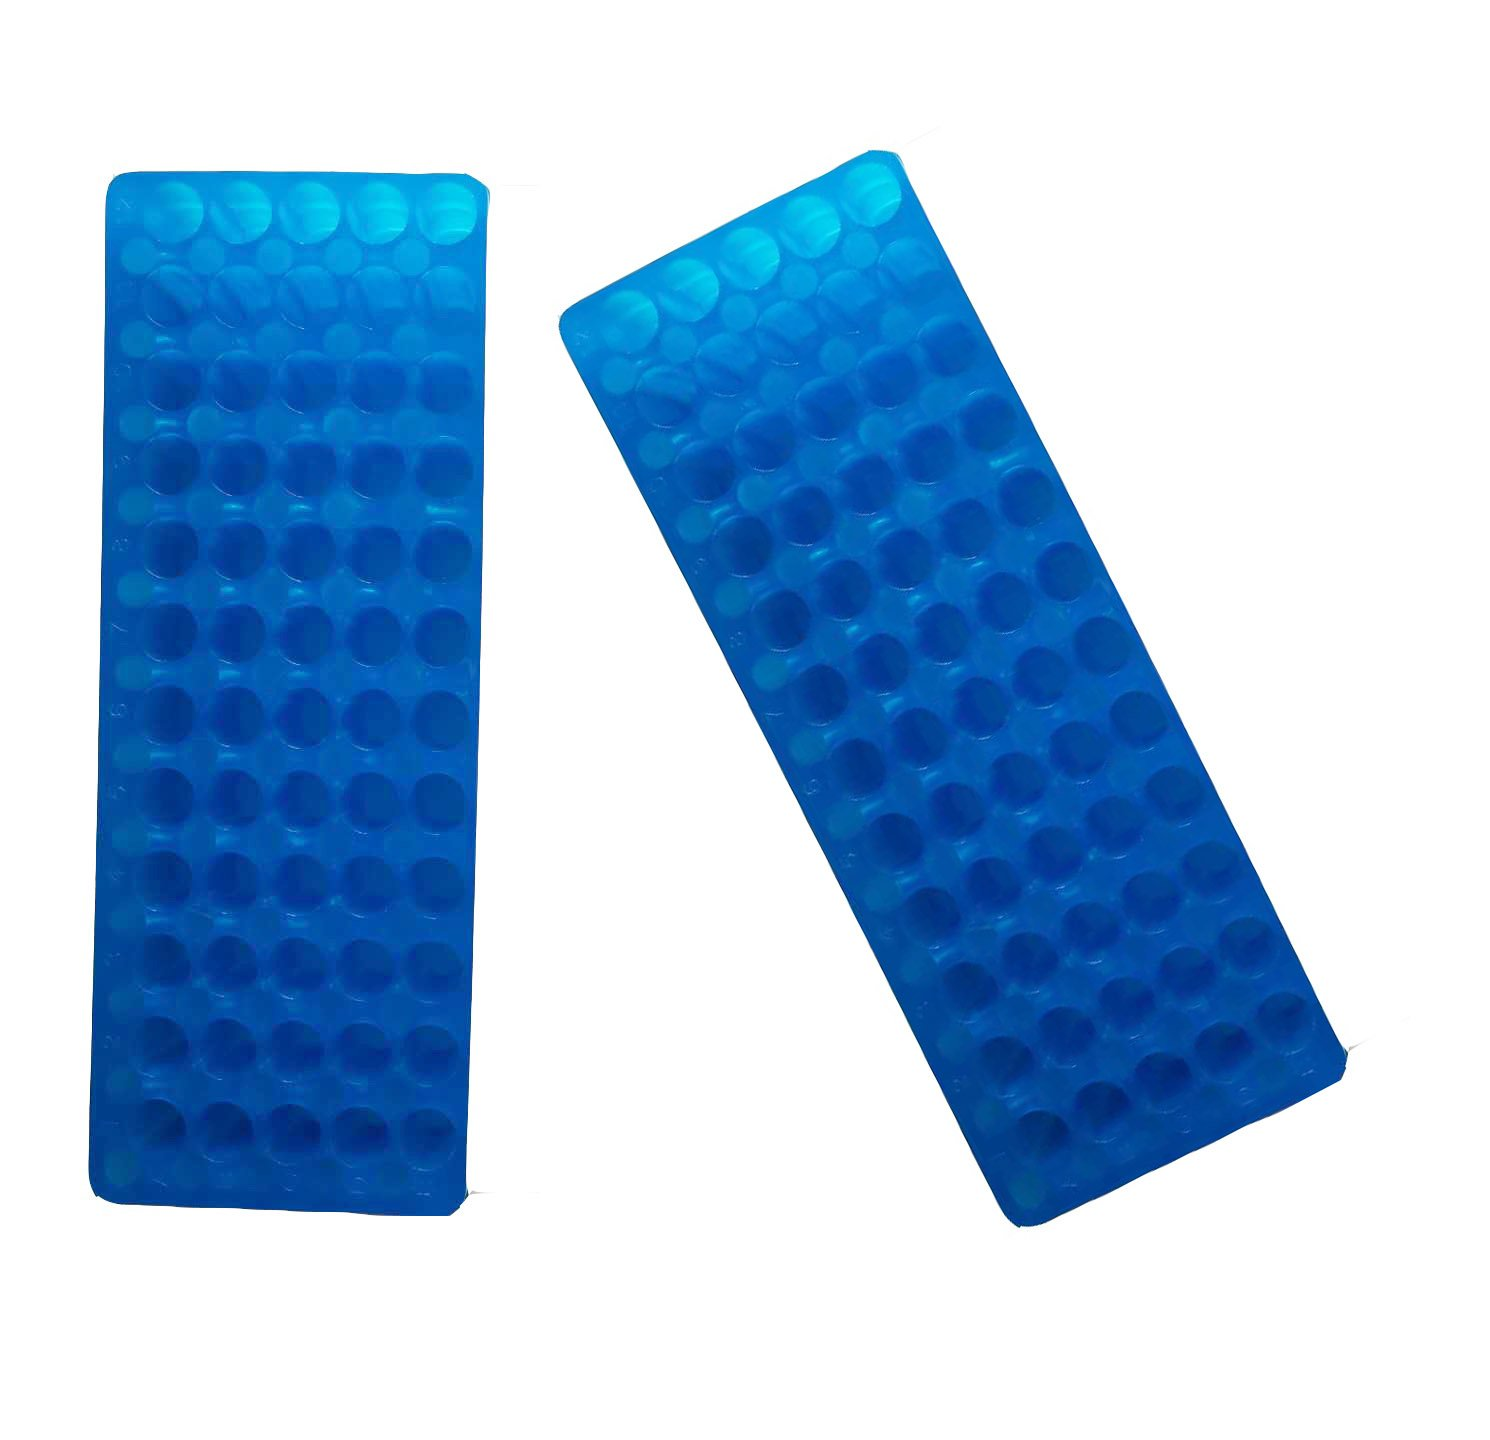 Blu/Blu a tubo doppio pannello 60 posizioni in polipropilene per Microcentrifuga tubi 0.5/1.5ml (confezione da 2) Muhwa eCommerce Co. Ltd